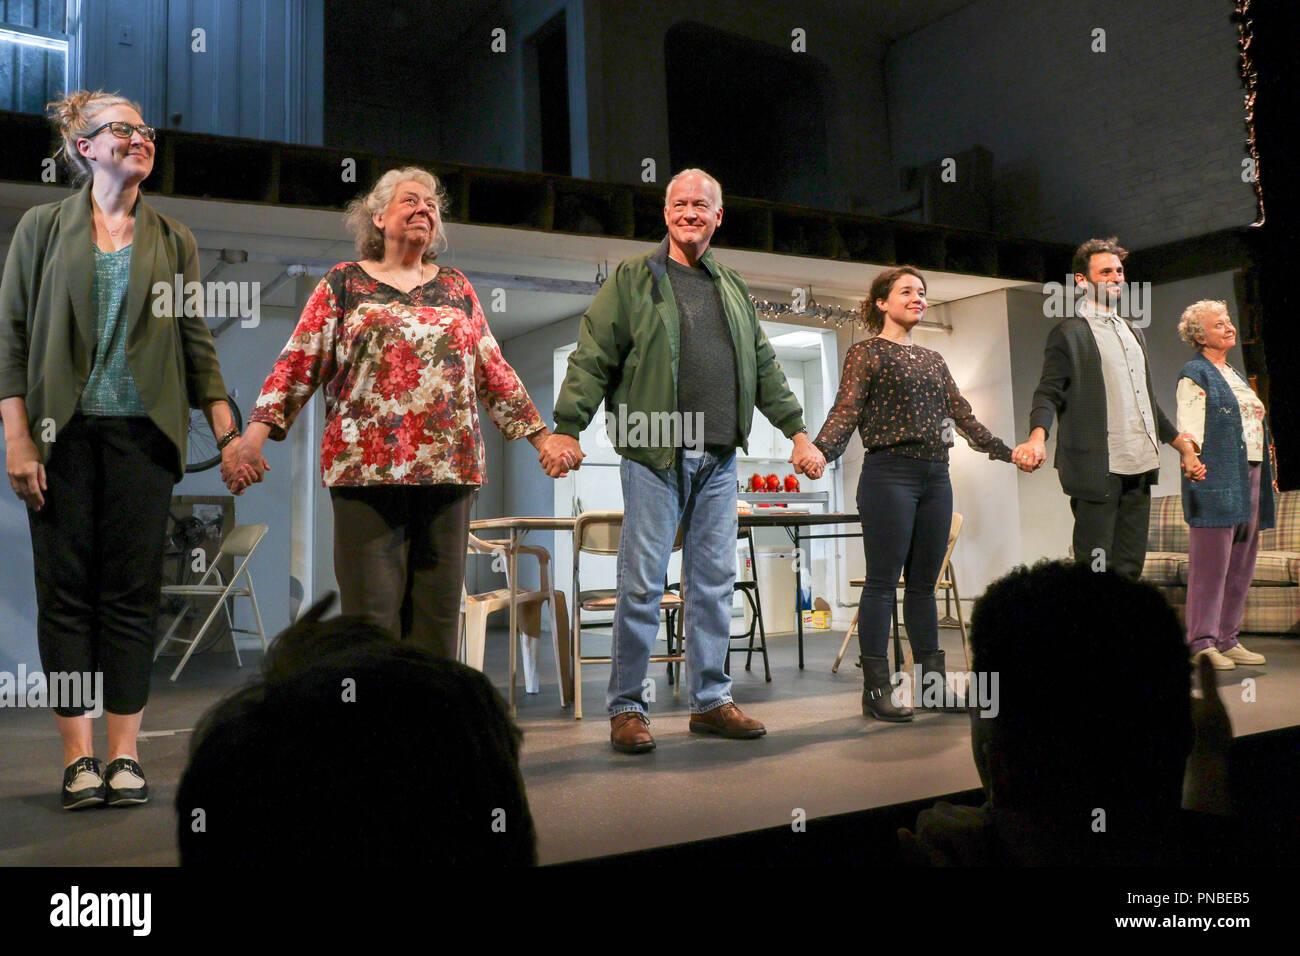 Veuillez rappel de la distribution de l'humain par Stephen Karam au Hampstead Theatre, London, England, UK Photo Stock